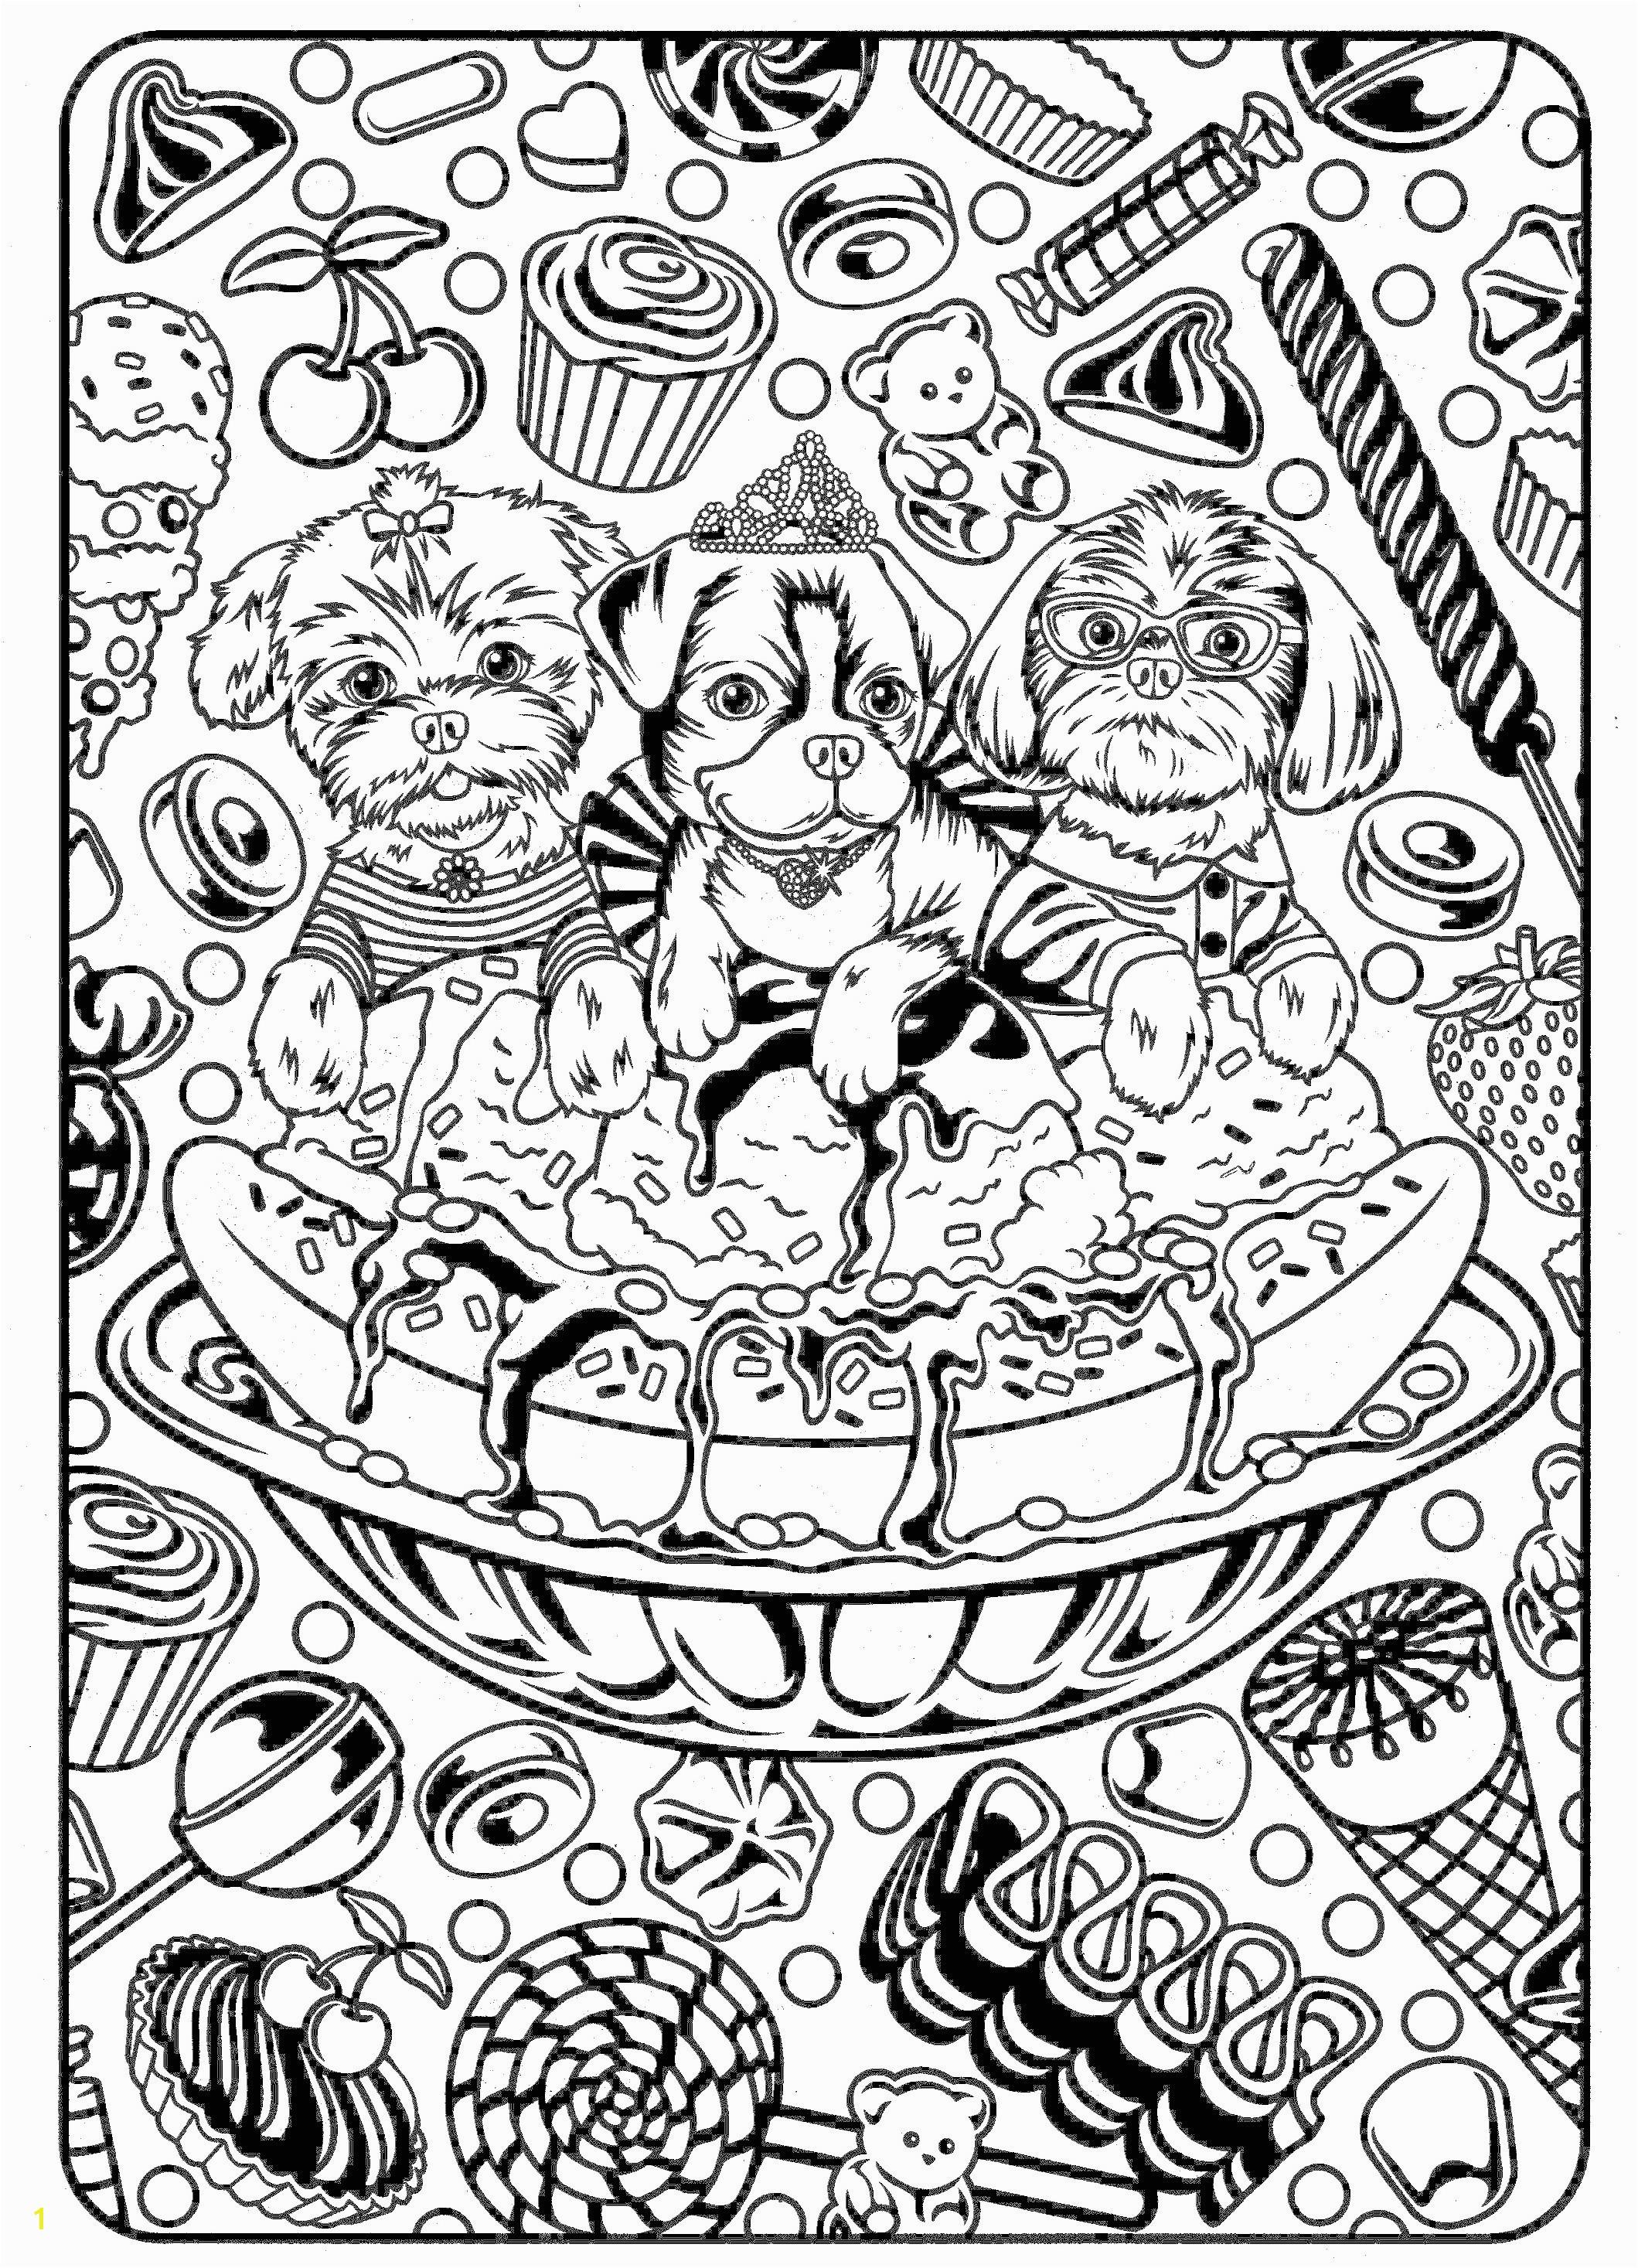 Snail Coloring Page Unique Media Cache Ec0 Pinimg originals 2b 06 0d for Snail Coloring Page